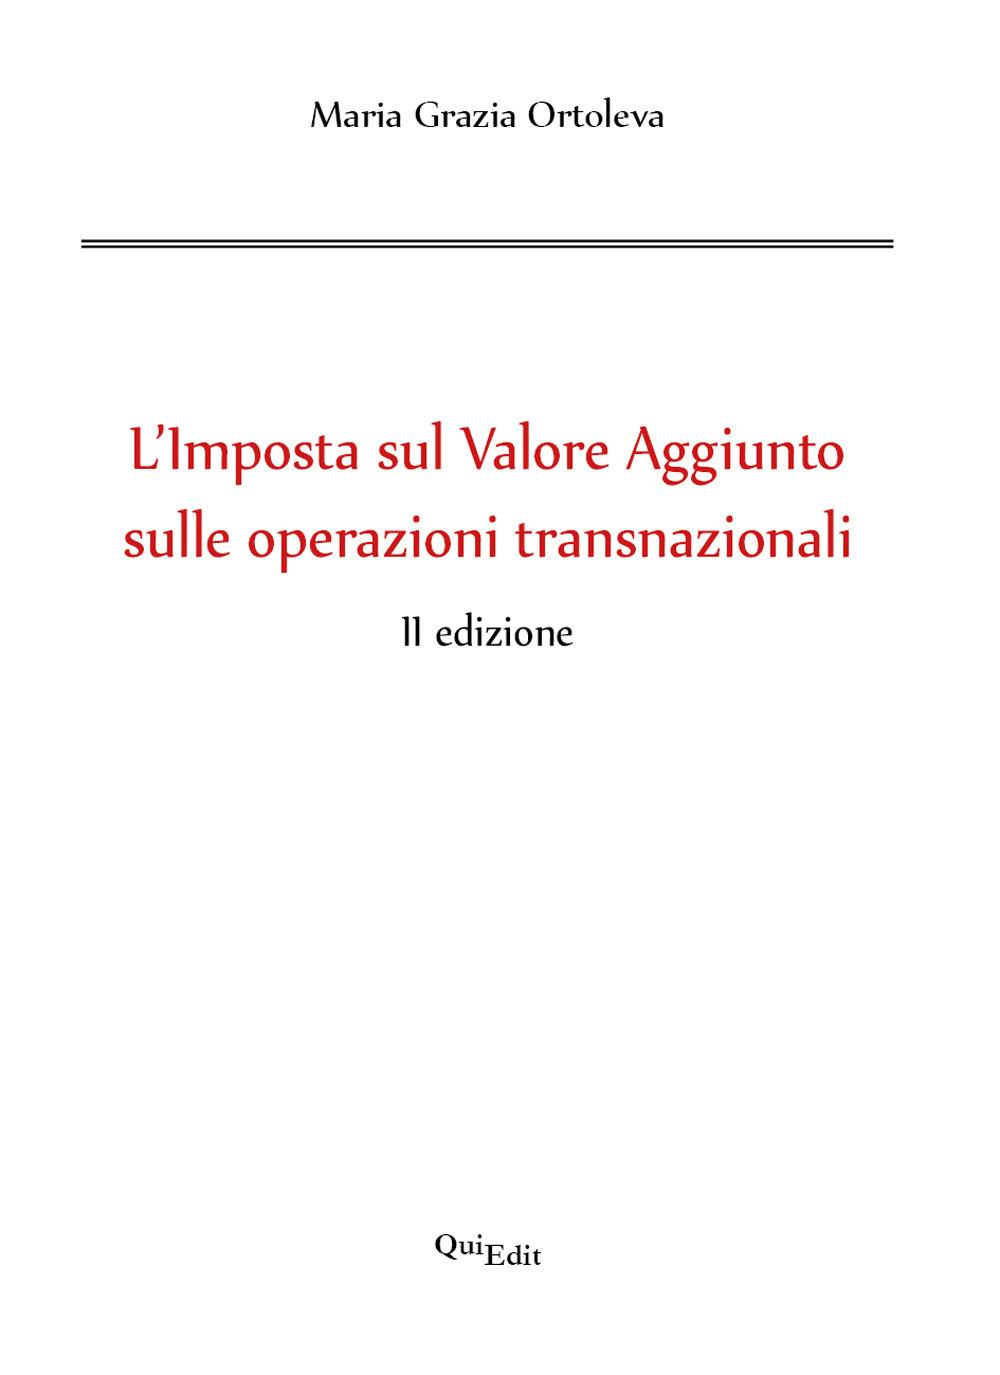 Image of L' imposta sul valore aggiunto sulle operazioni transnazionali